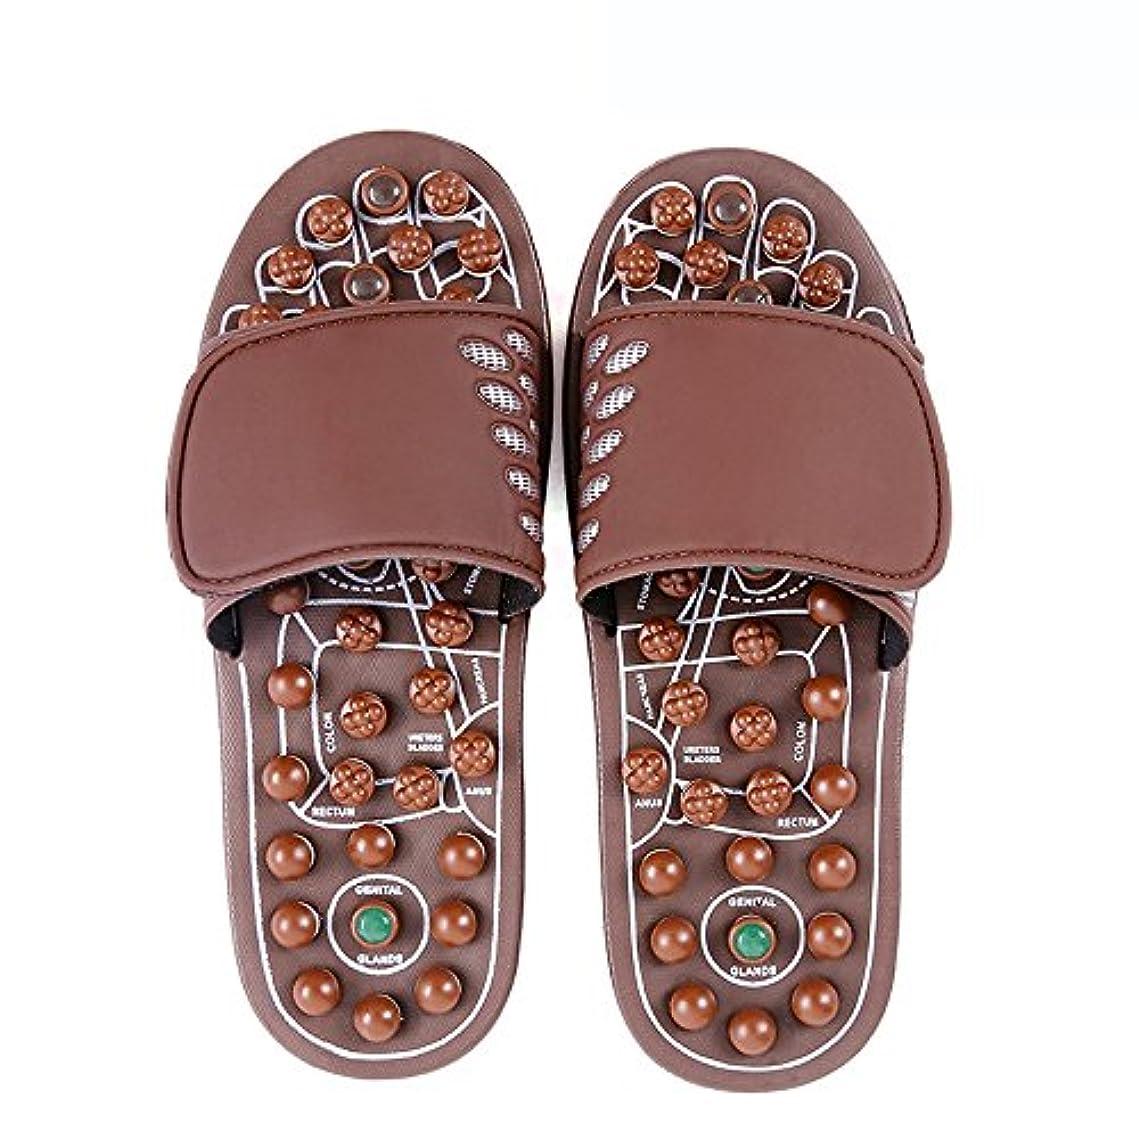 けがをする広告するチューインガム快適 ジェイドマッサージスリッパ女性の足指圧ホームシューズ滑り止めスリッパ屋内マッサージシューズ(オプションのサイズ) 増加した (サイズ さいず : L(43-46))